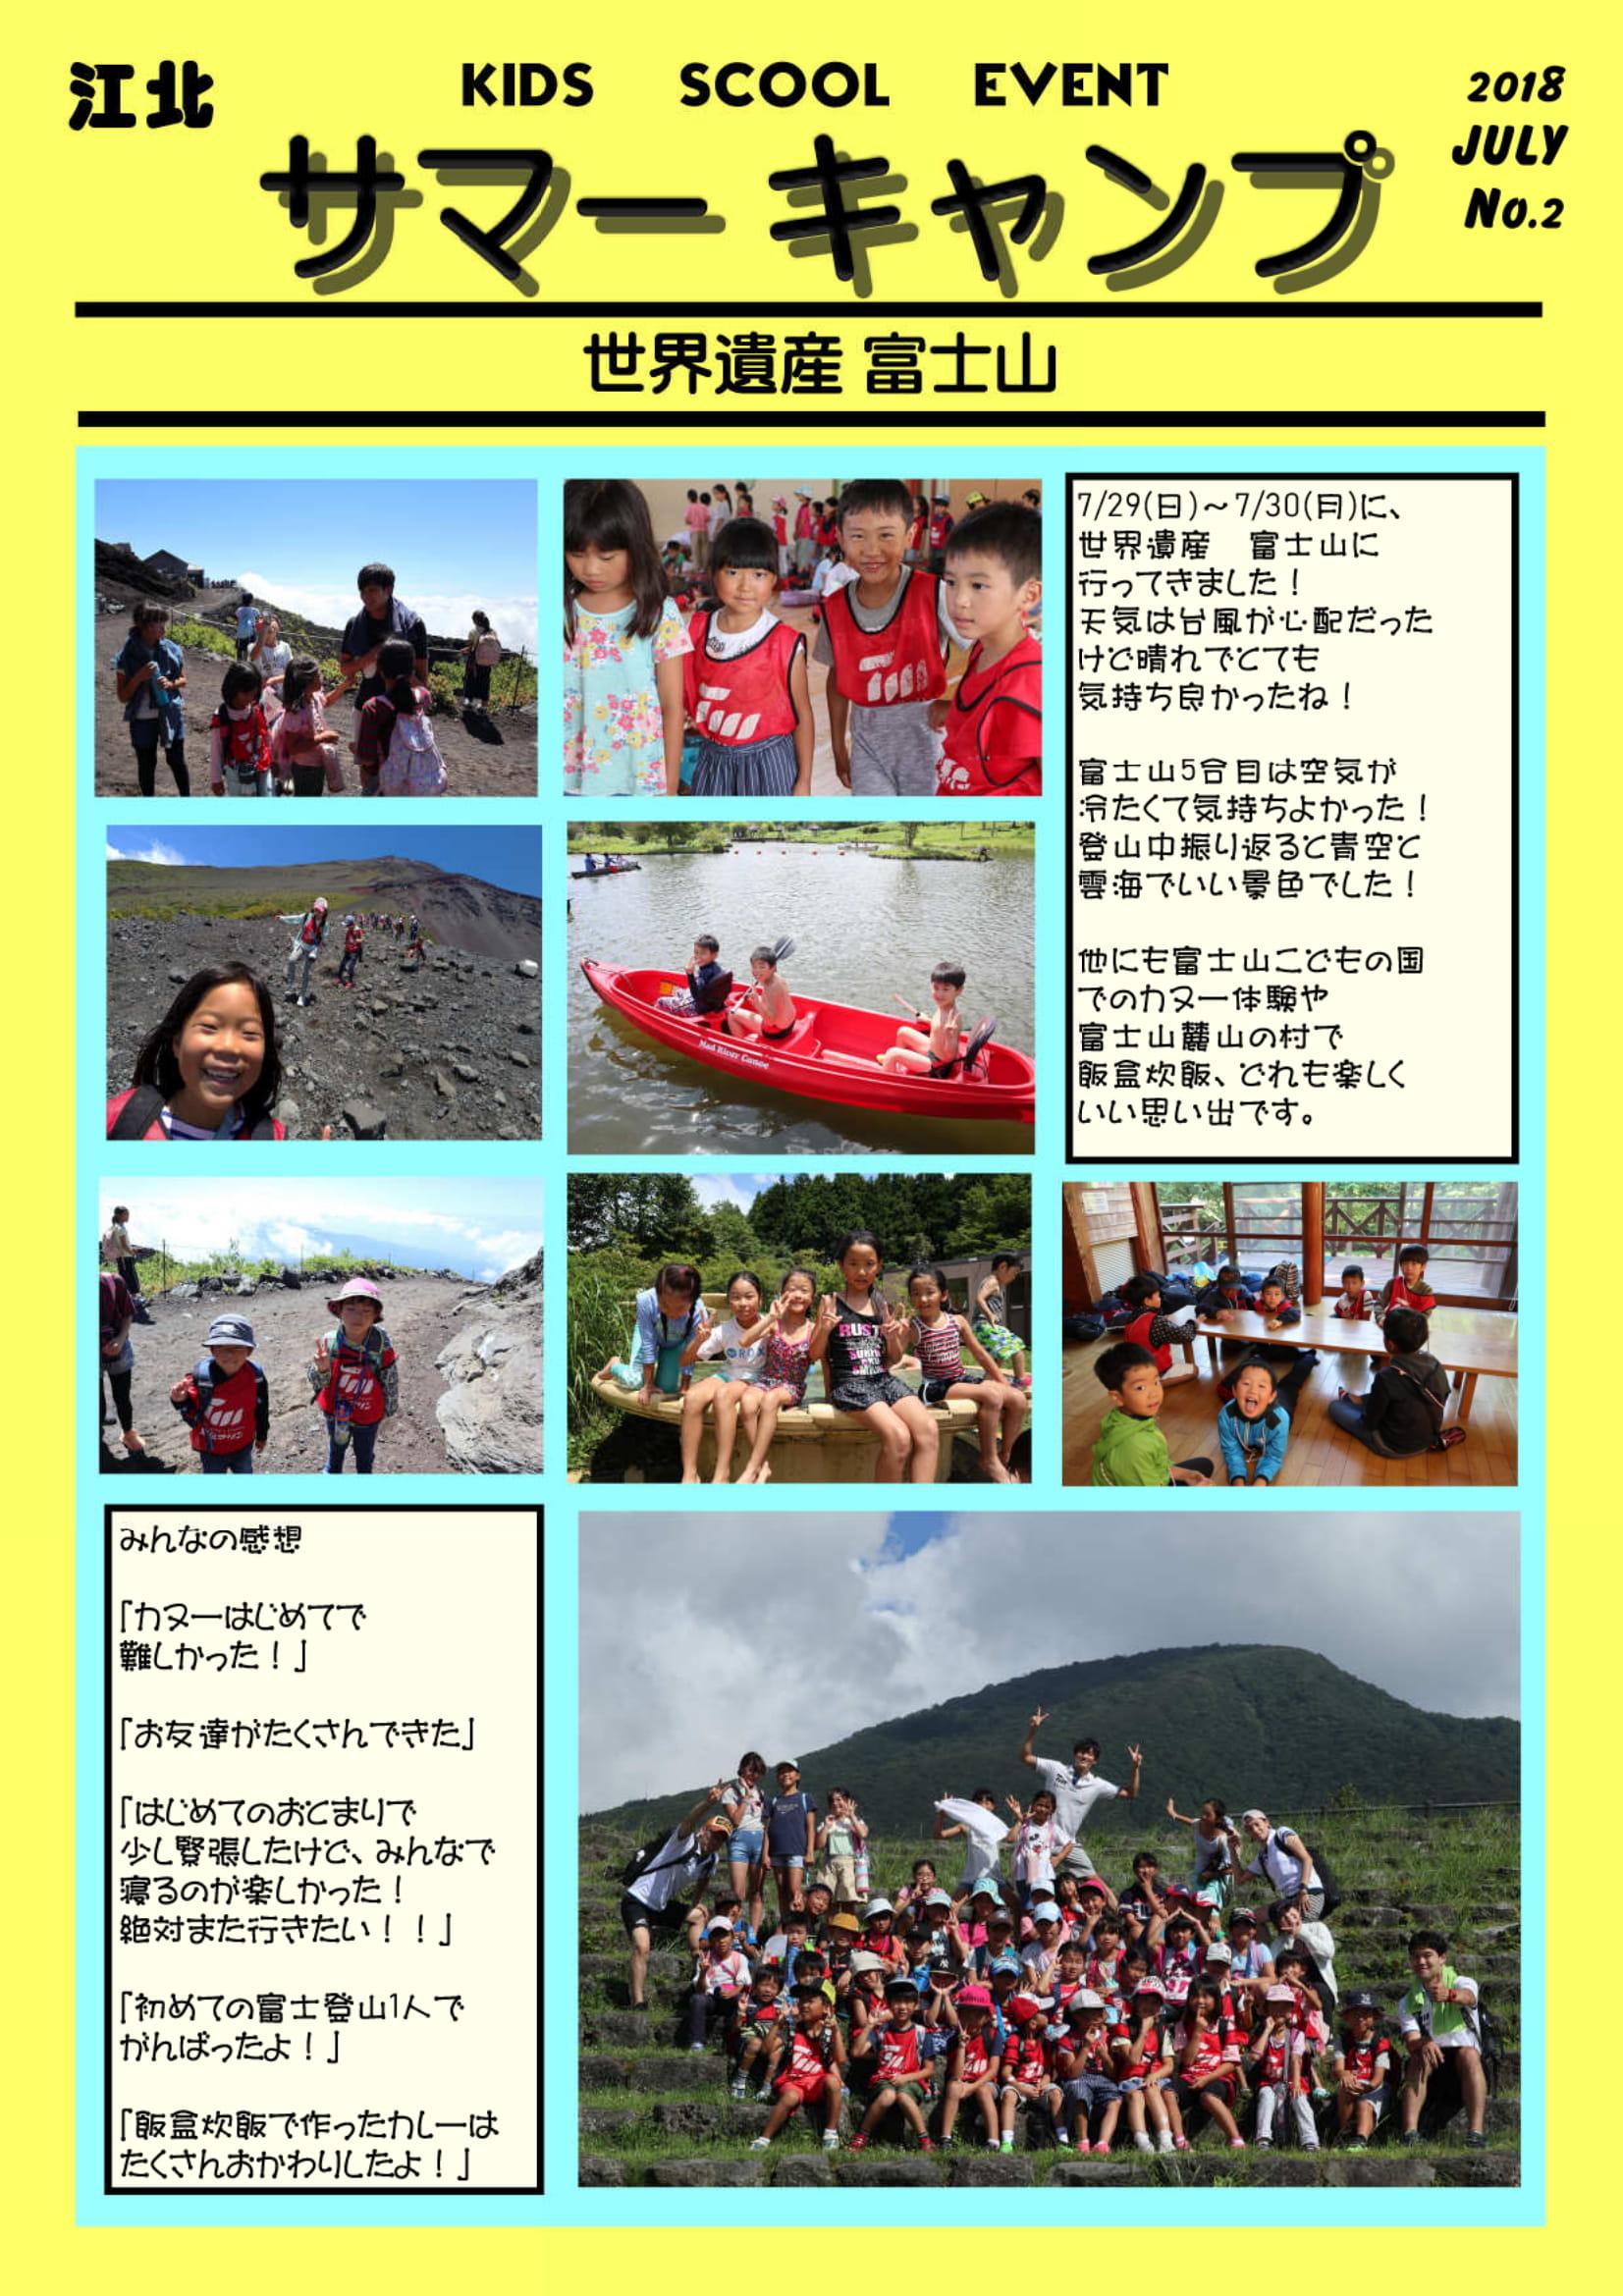 江北フィットネス 「世界遺産 富士山に行こう!」に行ってきました!